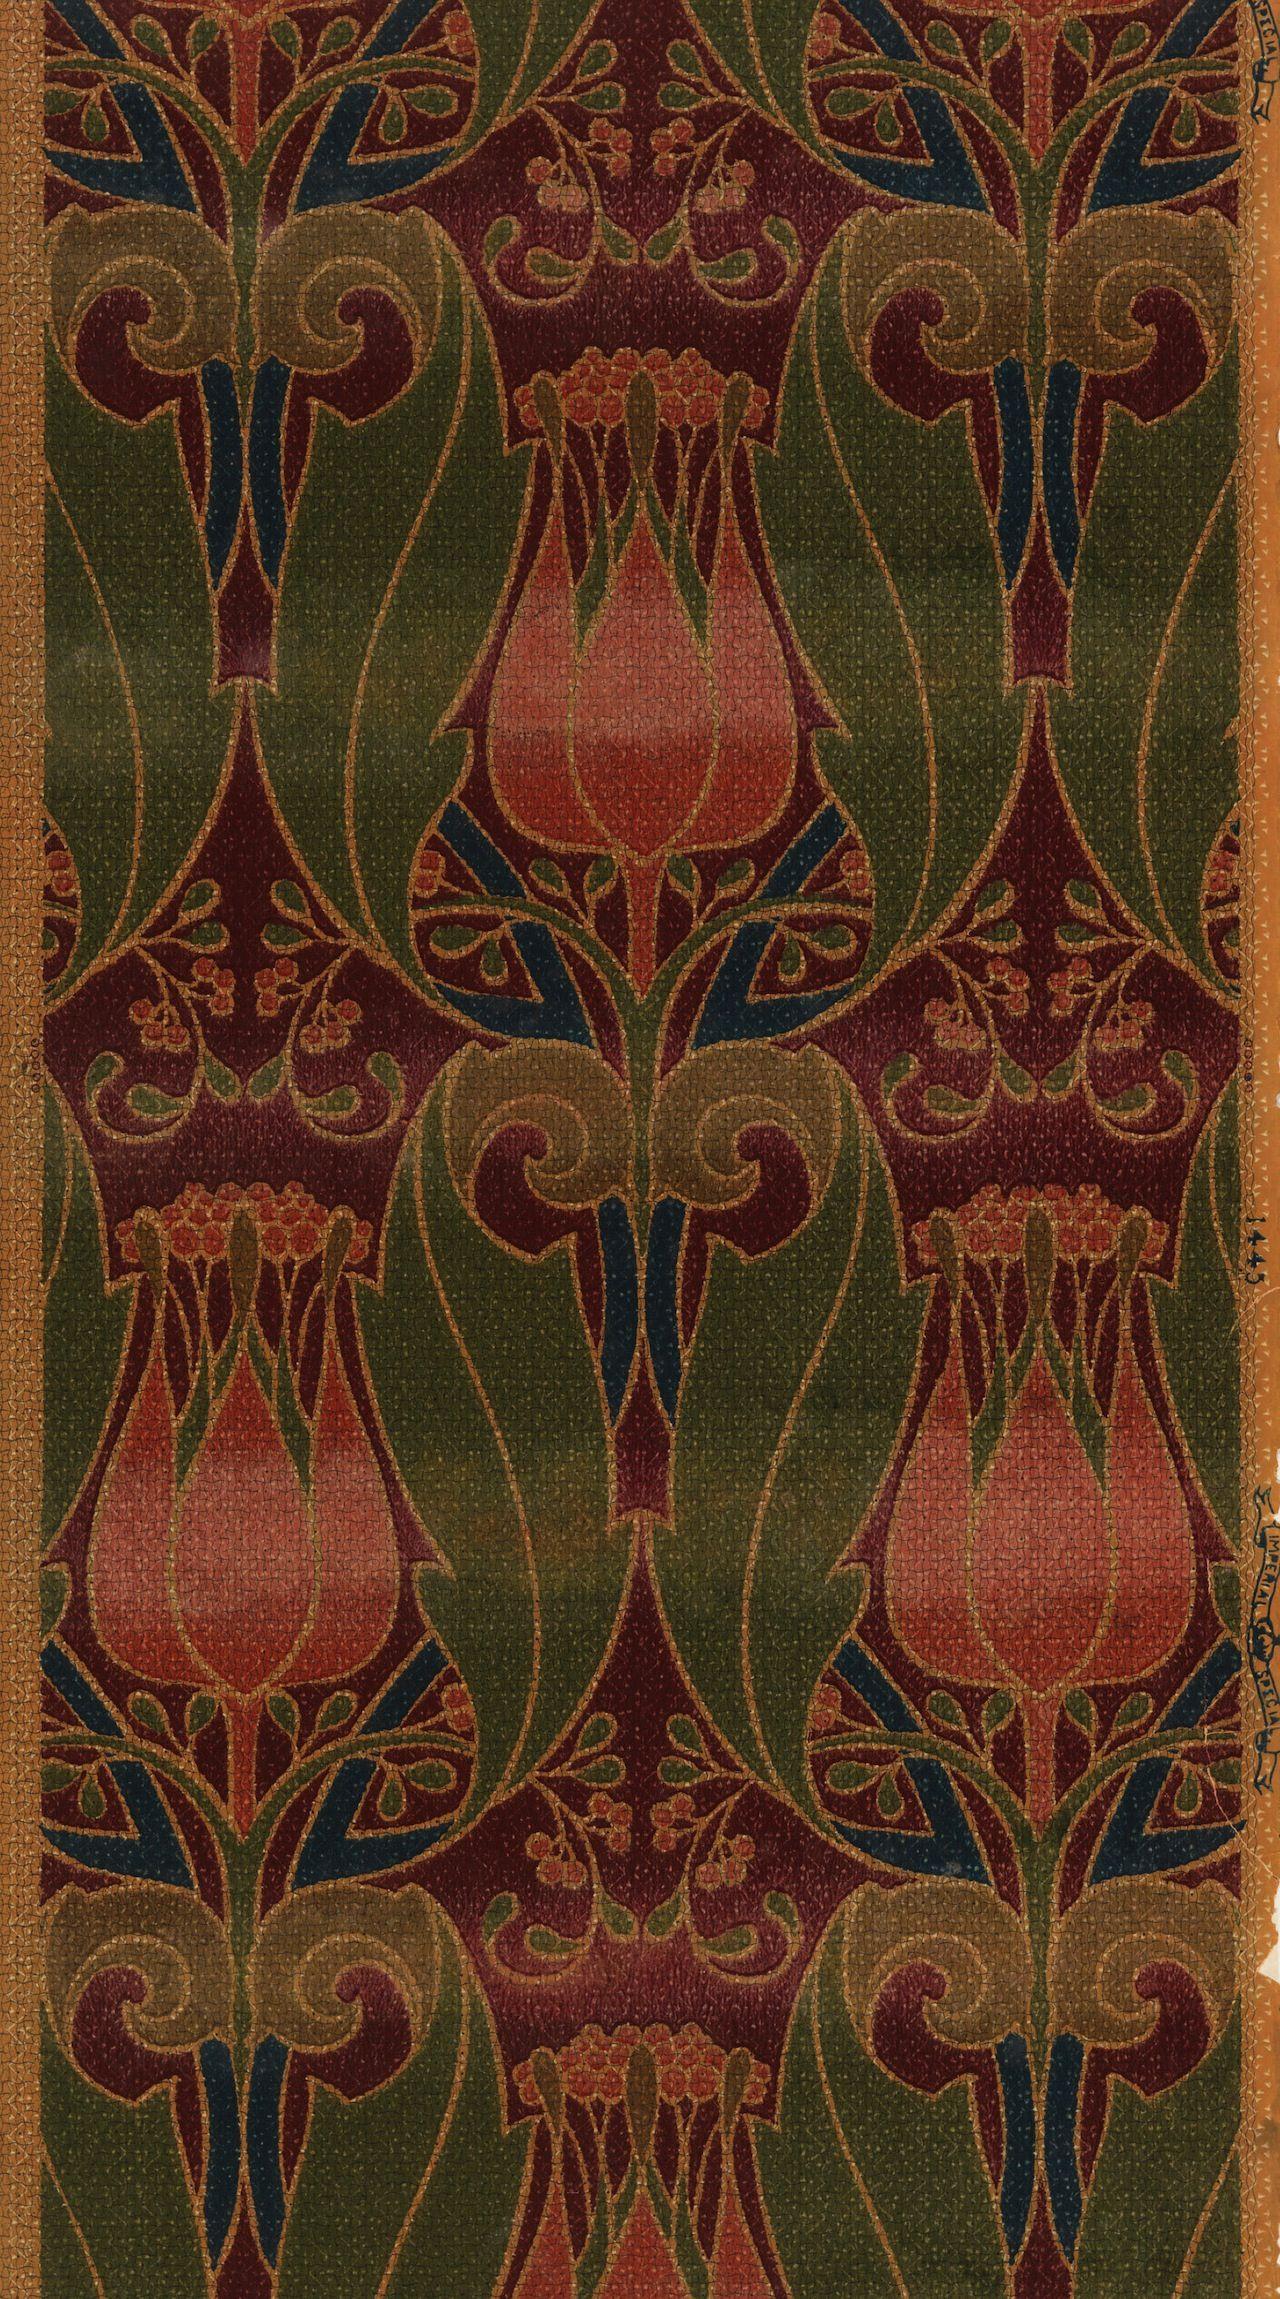 More Than 6,000 Wallpaper Designs Digitized Art nouveau